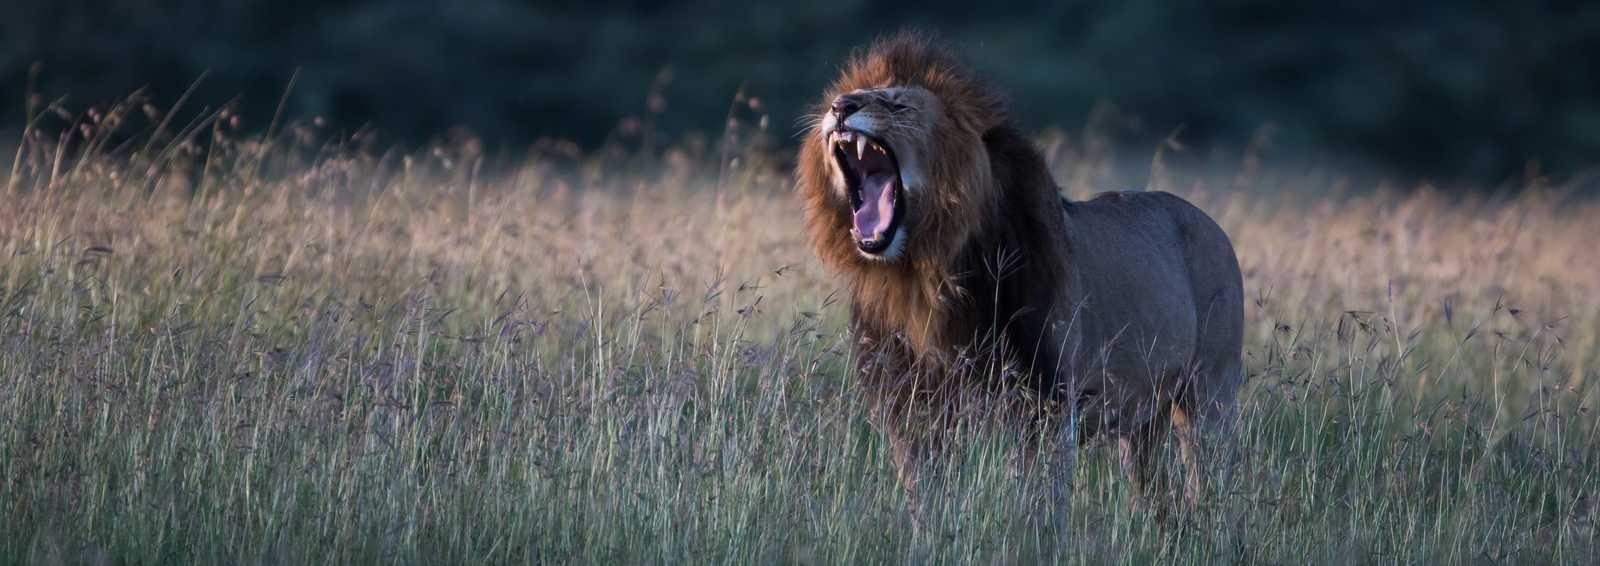 Lion, Masai Mara by Paul Goldstein